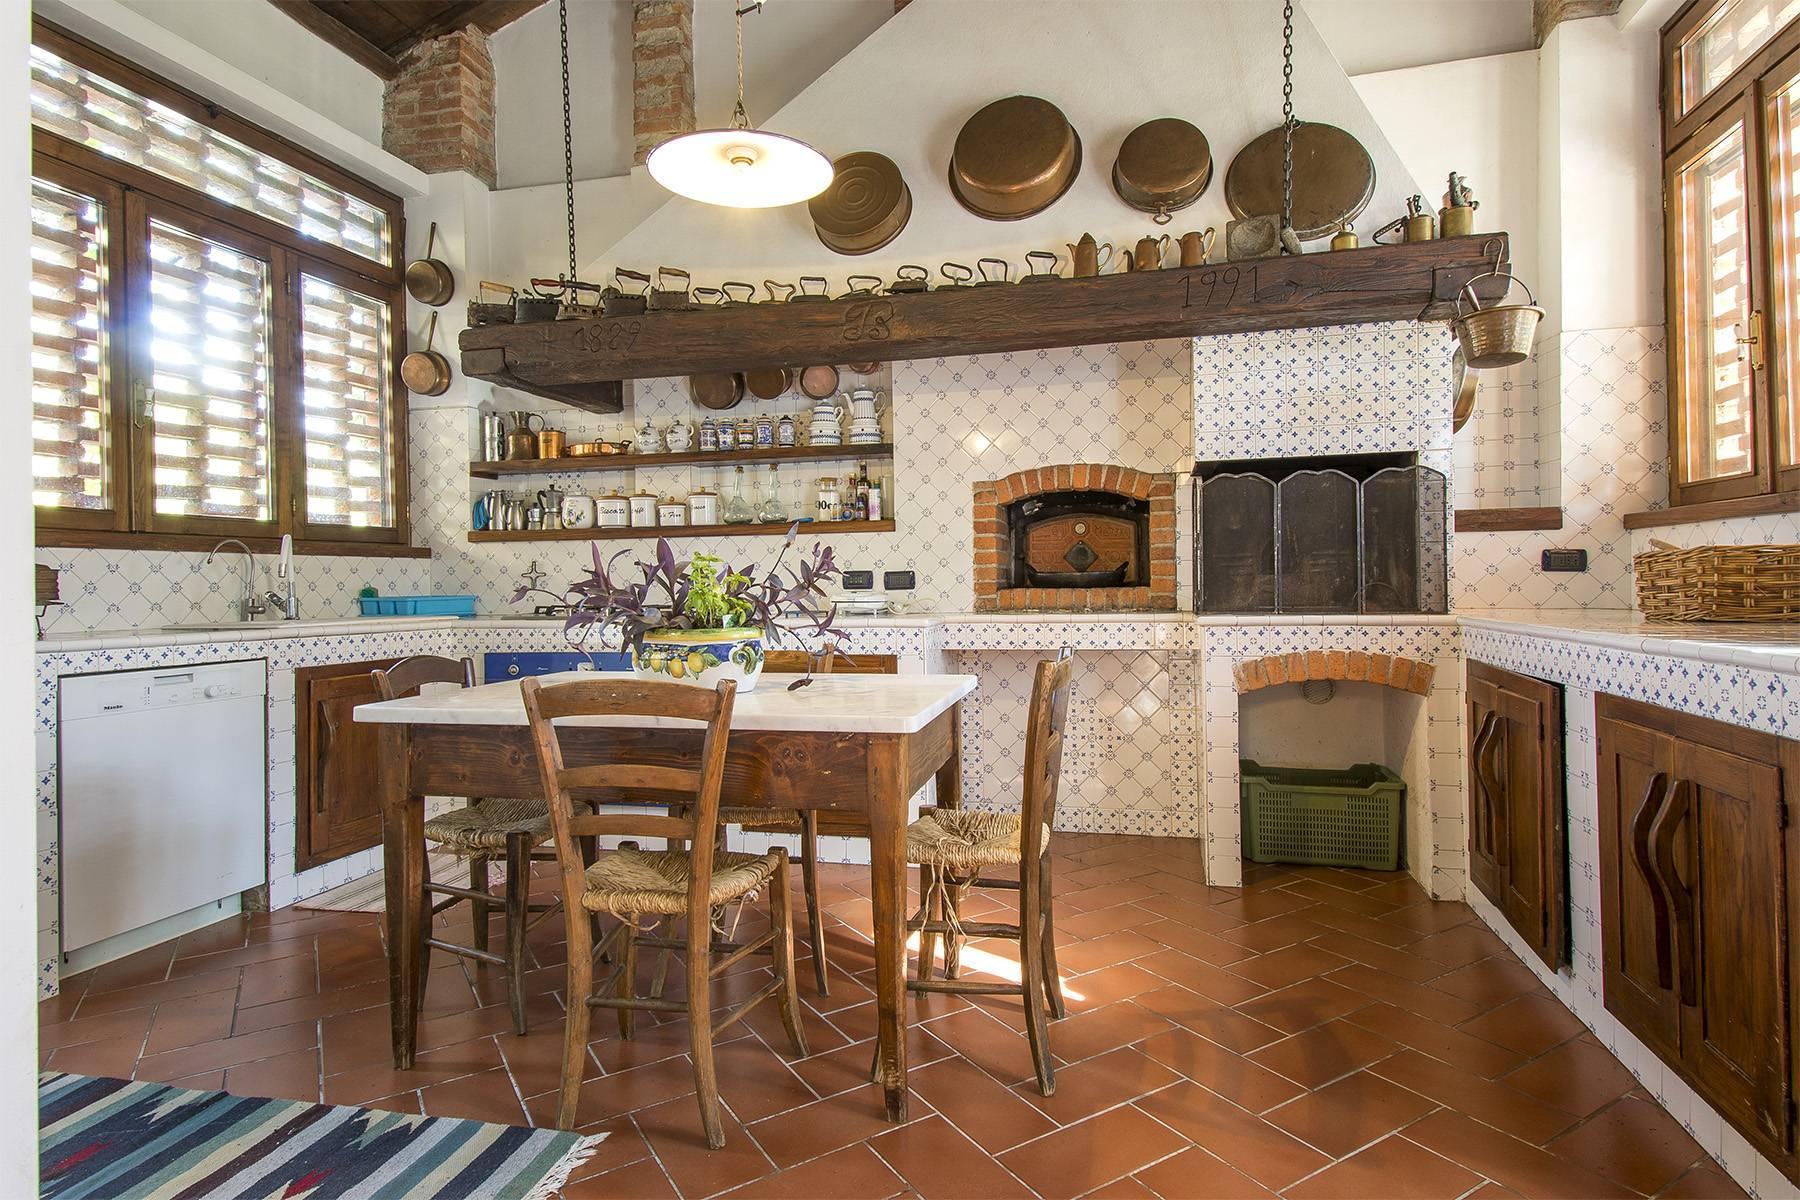 Bauernhaus mit Reitschule auf dem toskanischen Landschaft - 10